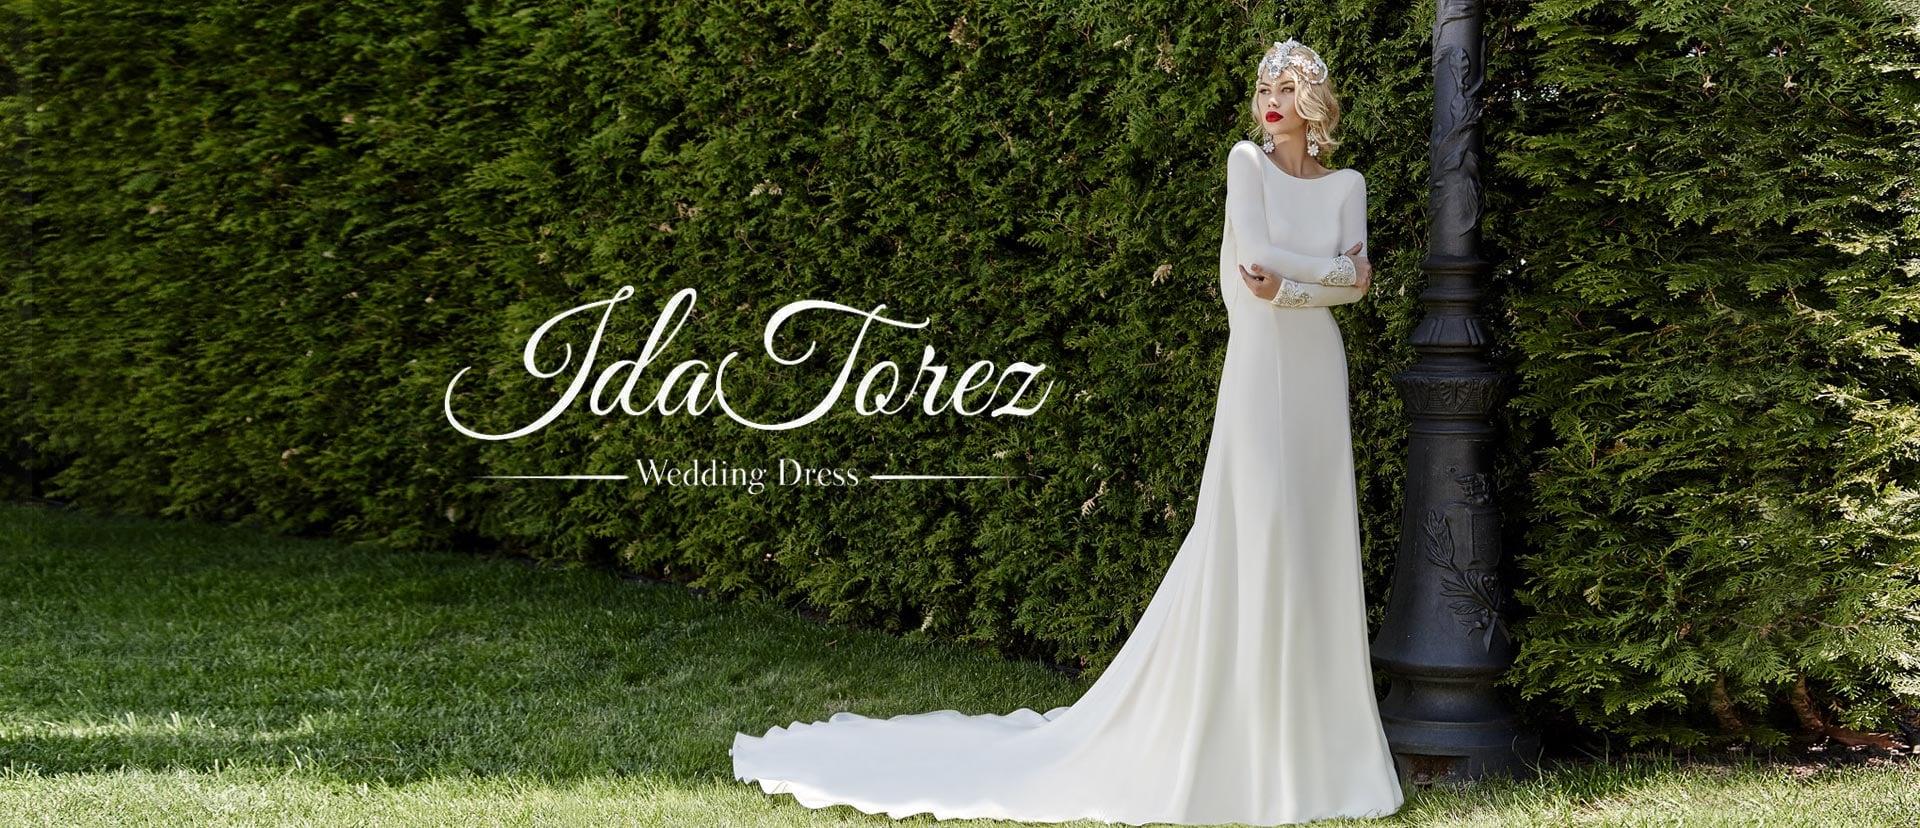 大人気のウエディングドレスデザイナーズコレクションIDA-TOREZ